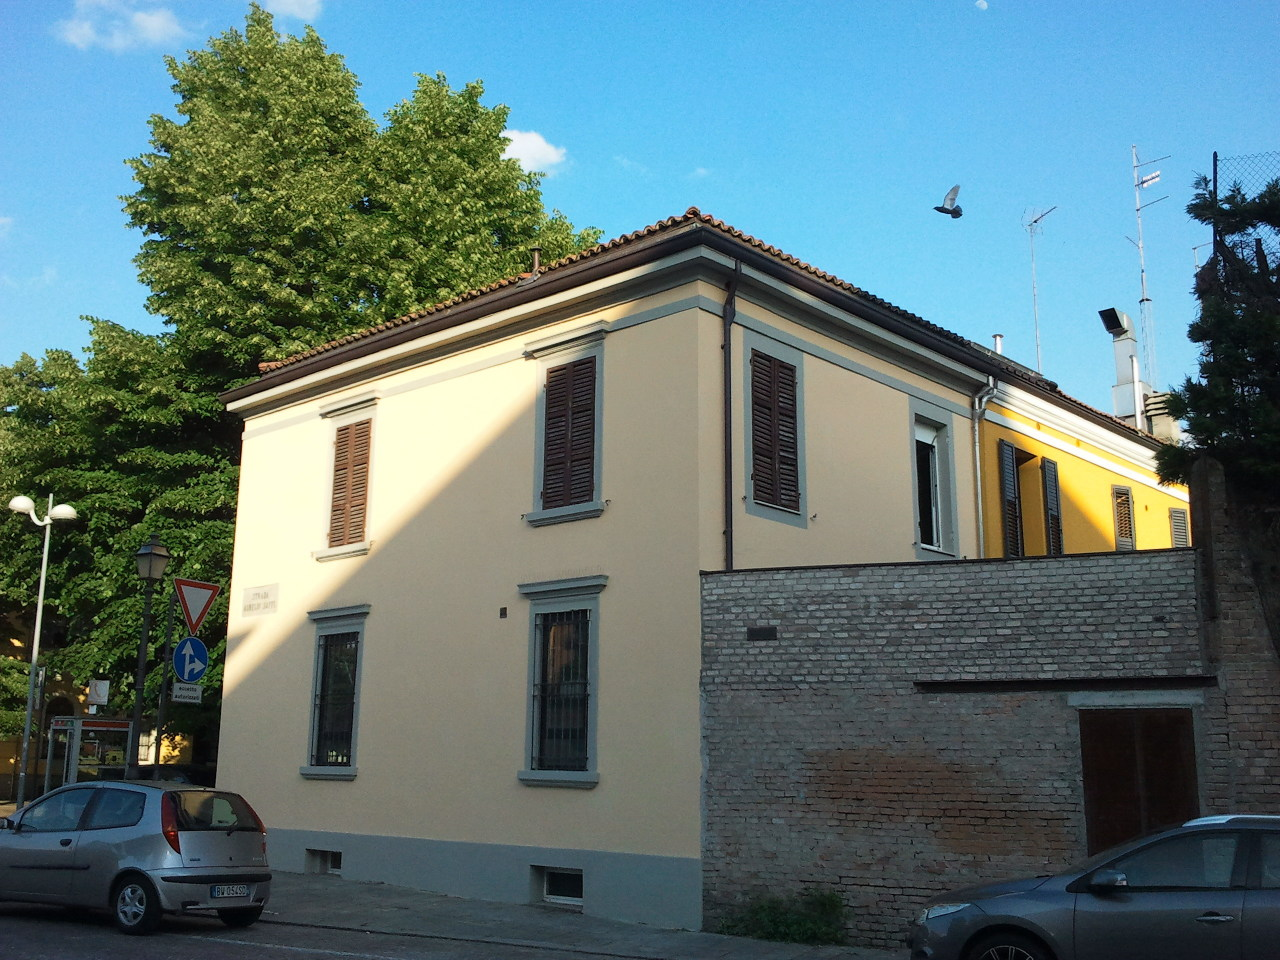 Soluzione Indipendente in vendita a Parma, 6 locali, prezzo € 380.000 | Cambio Casa.it